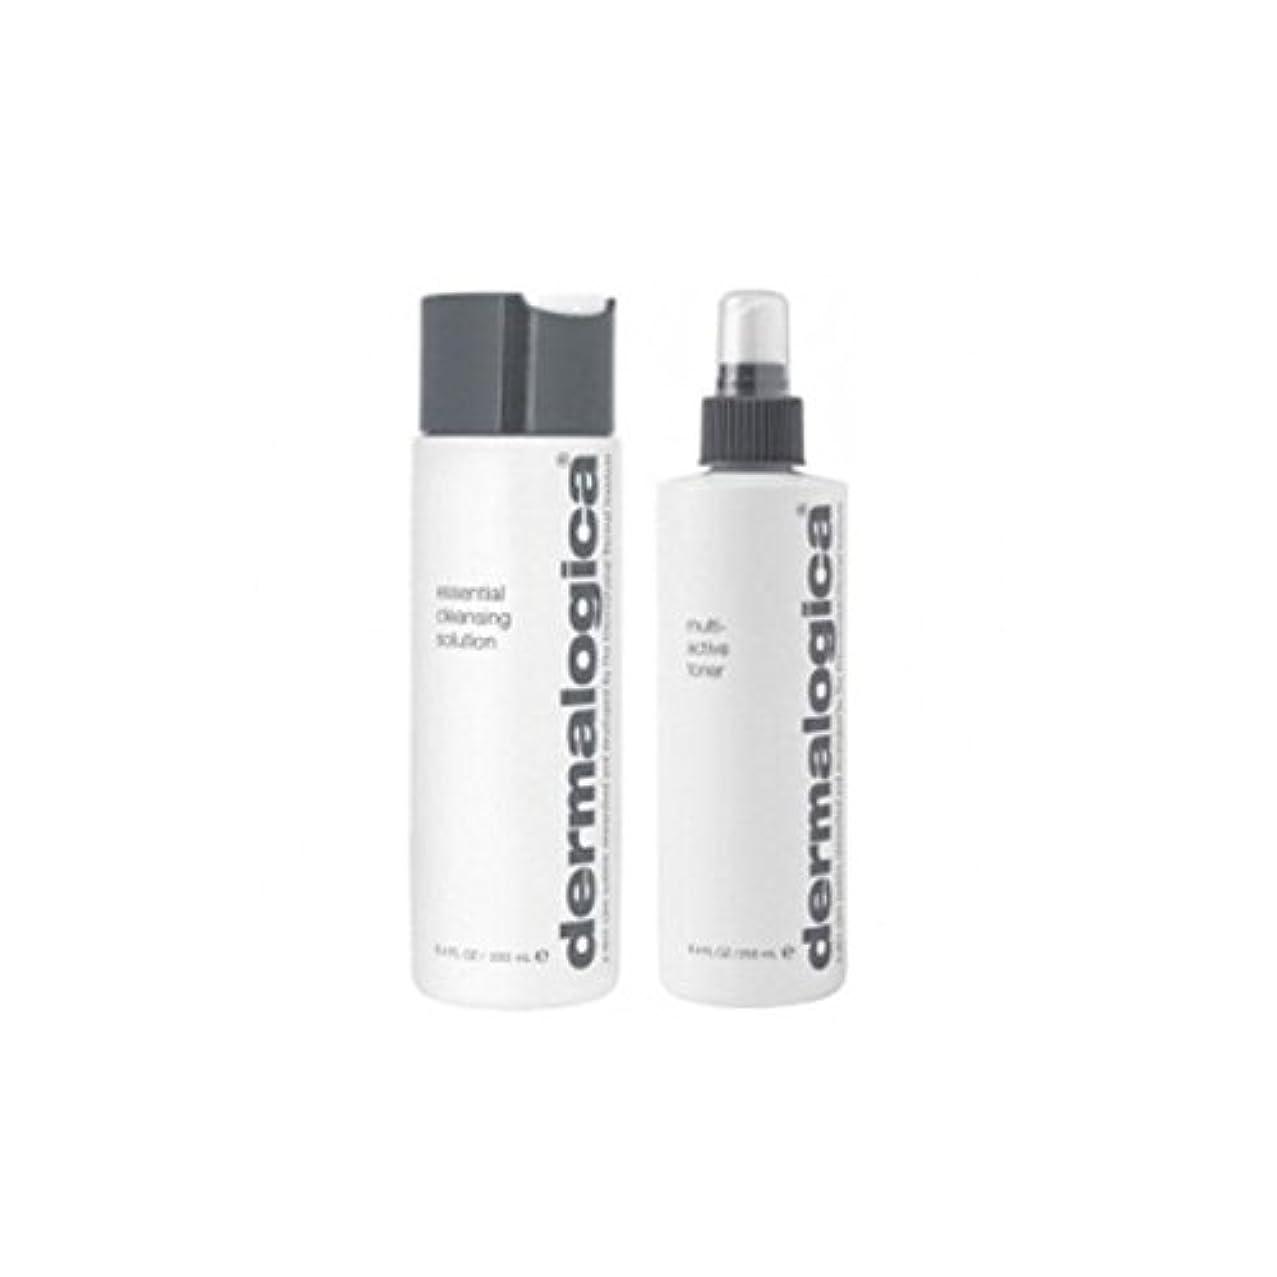 しかしながらタックデータDermalogica Cleanse & Tone Duo - Dry Skin - ダーマロジカクレンジング&トーンデュオ - 乾燥肌 [並行輸入品]